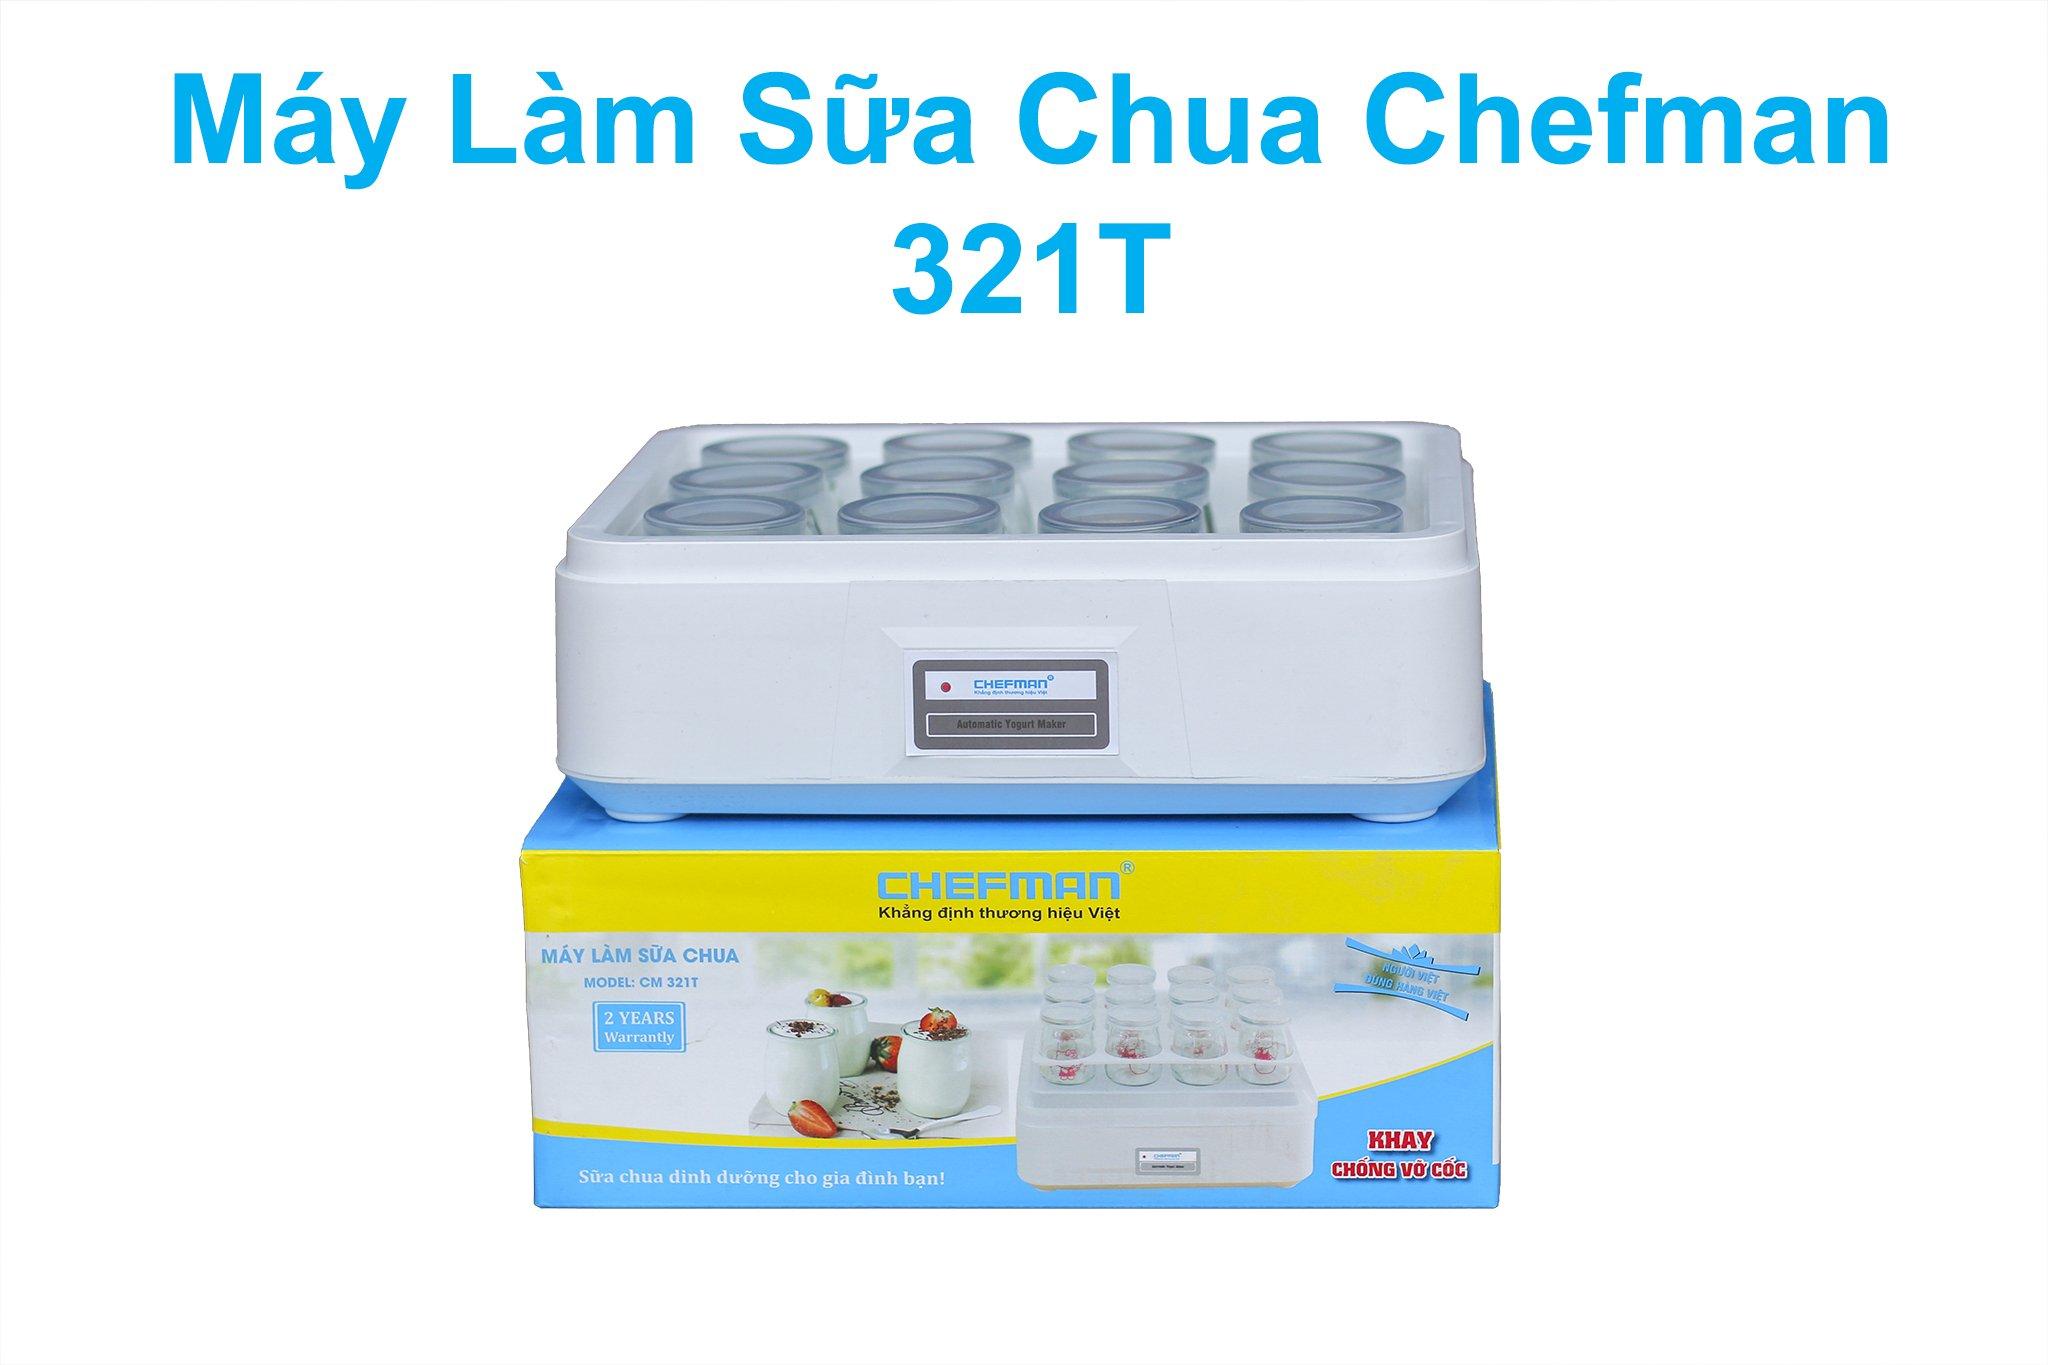 may-lam-sua-chua-chefman-321t